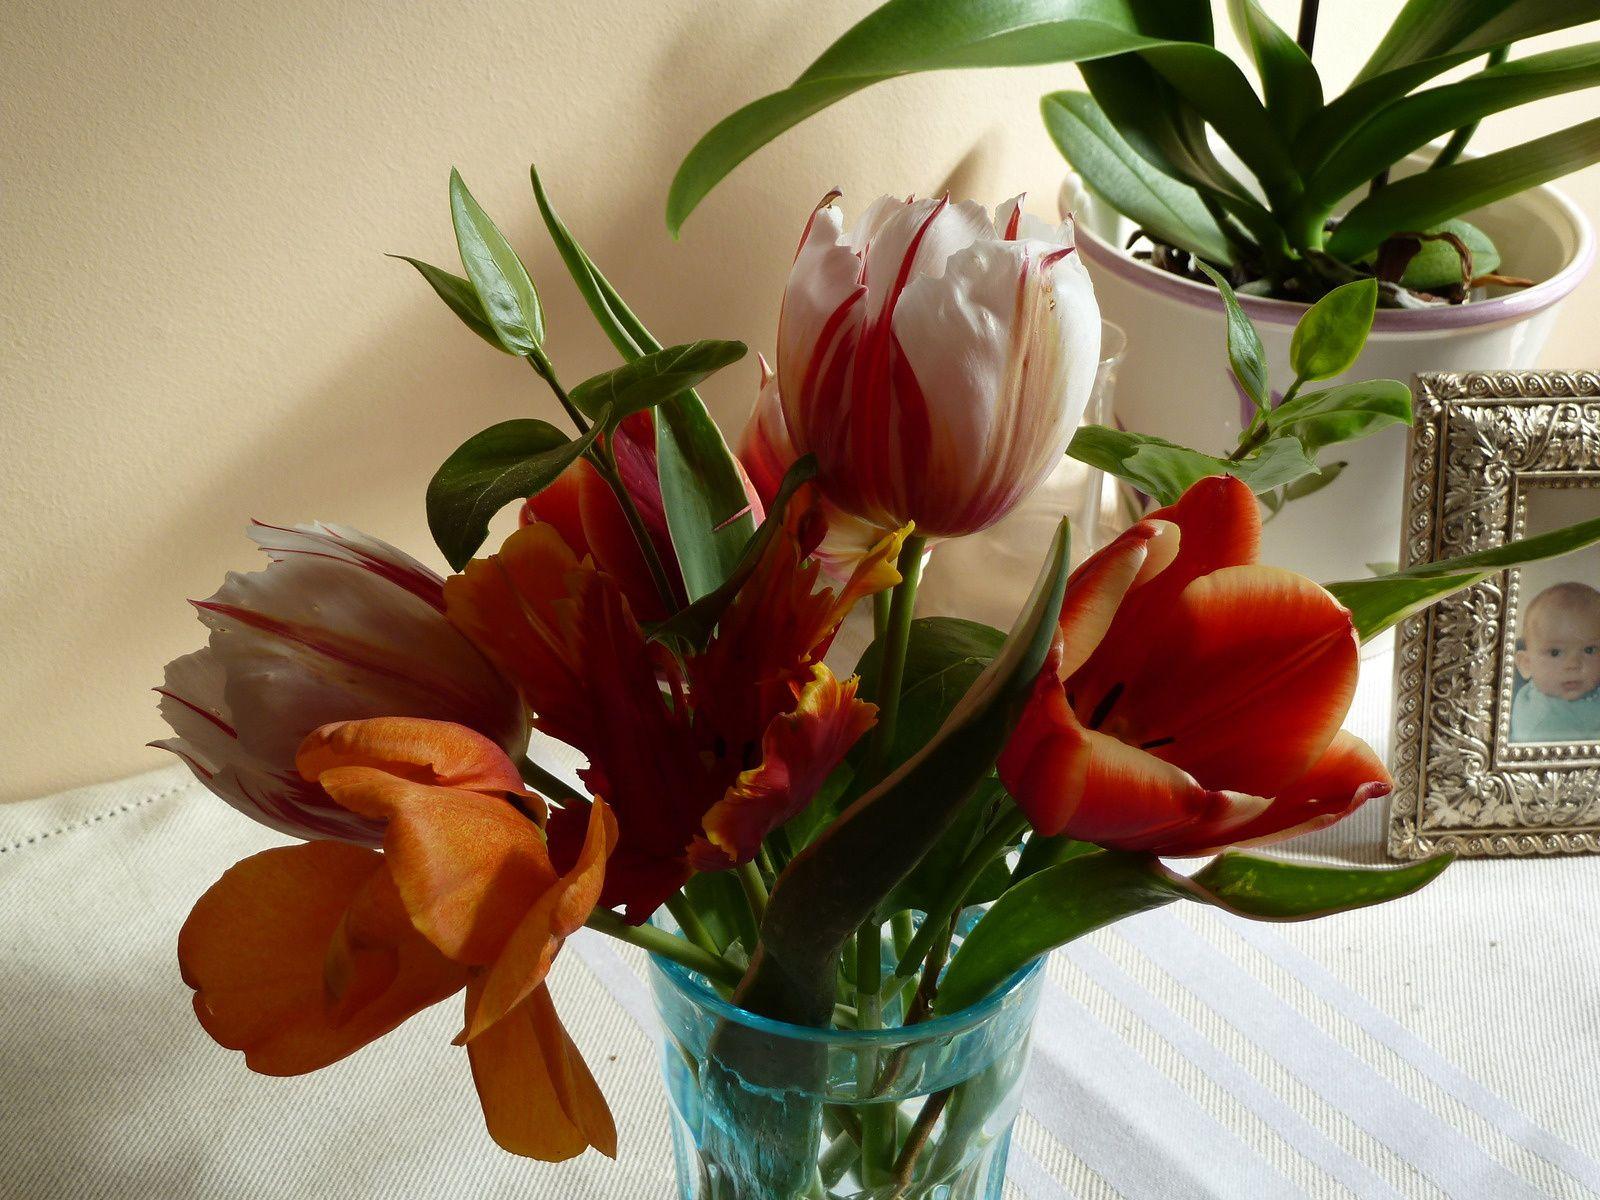 Bouquet de tulipes du jardin.